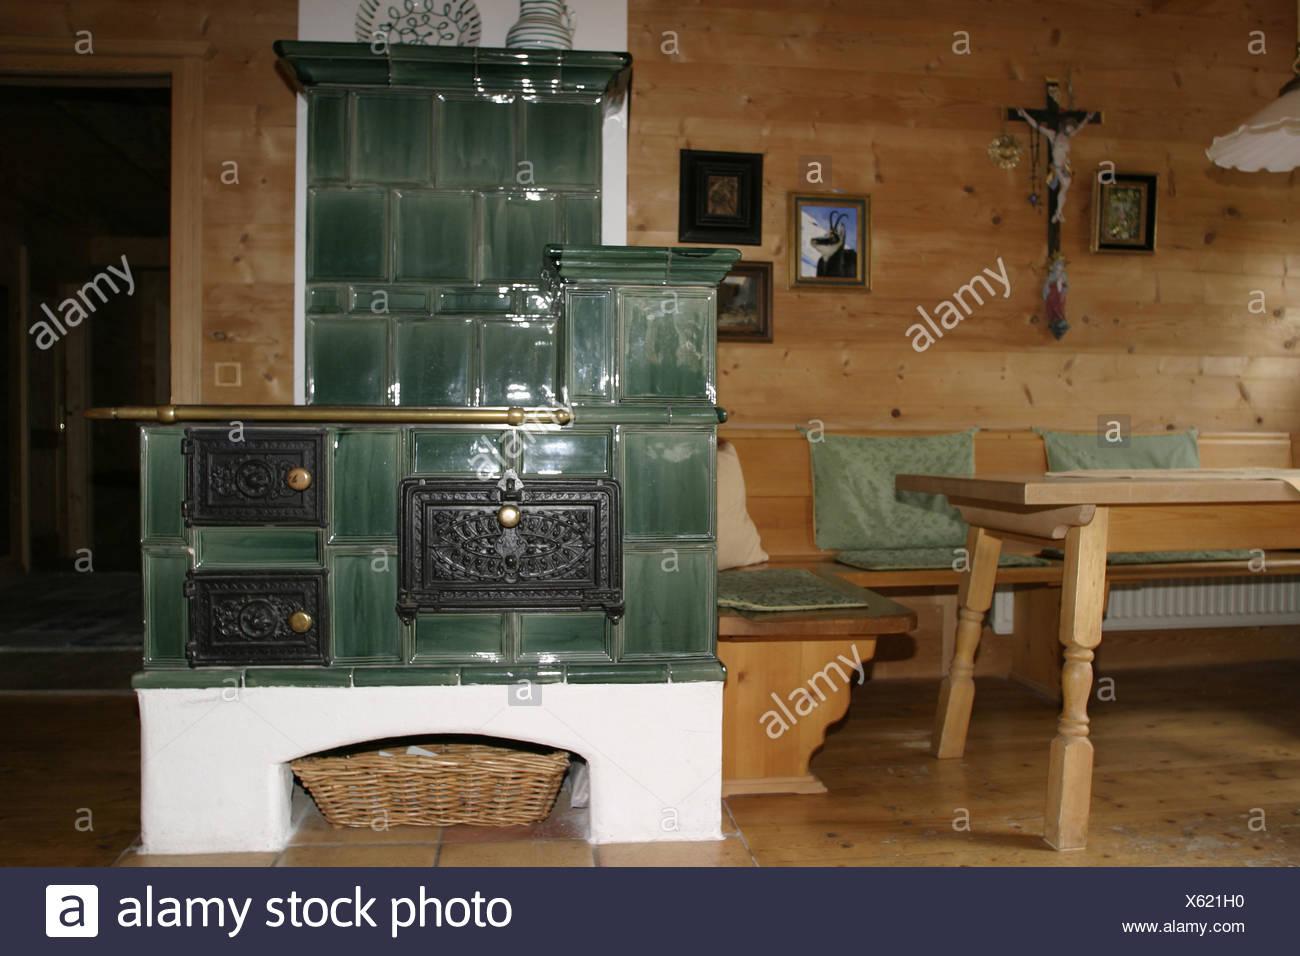 wohnraum kachelofen zimmer bauernstube kuche wohnraum essecke eckbank esstisch holz st mobel st mobel wand wandbelag wande aus holz